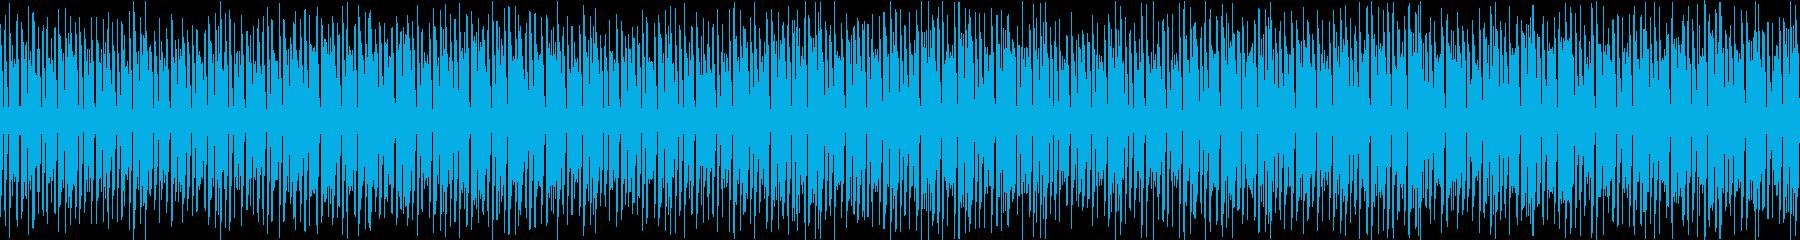 パズルゲーム・アプリ・脳育・脳トレ・学習の再生済みの波形